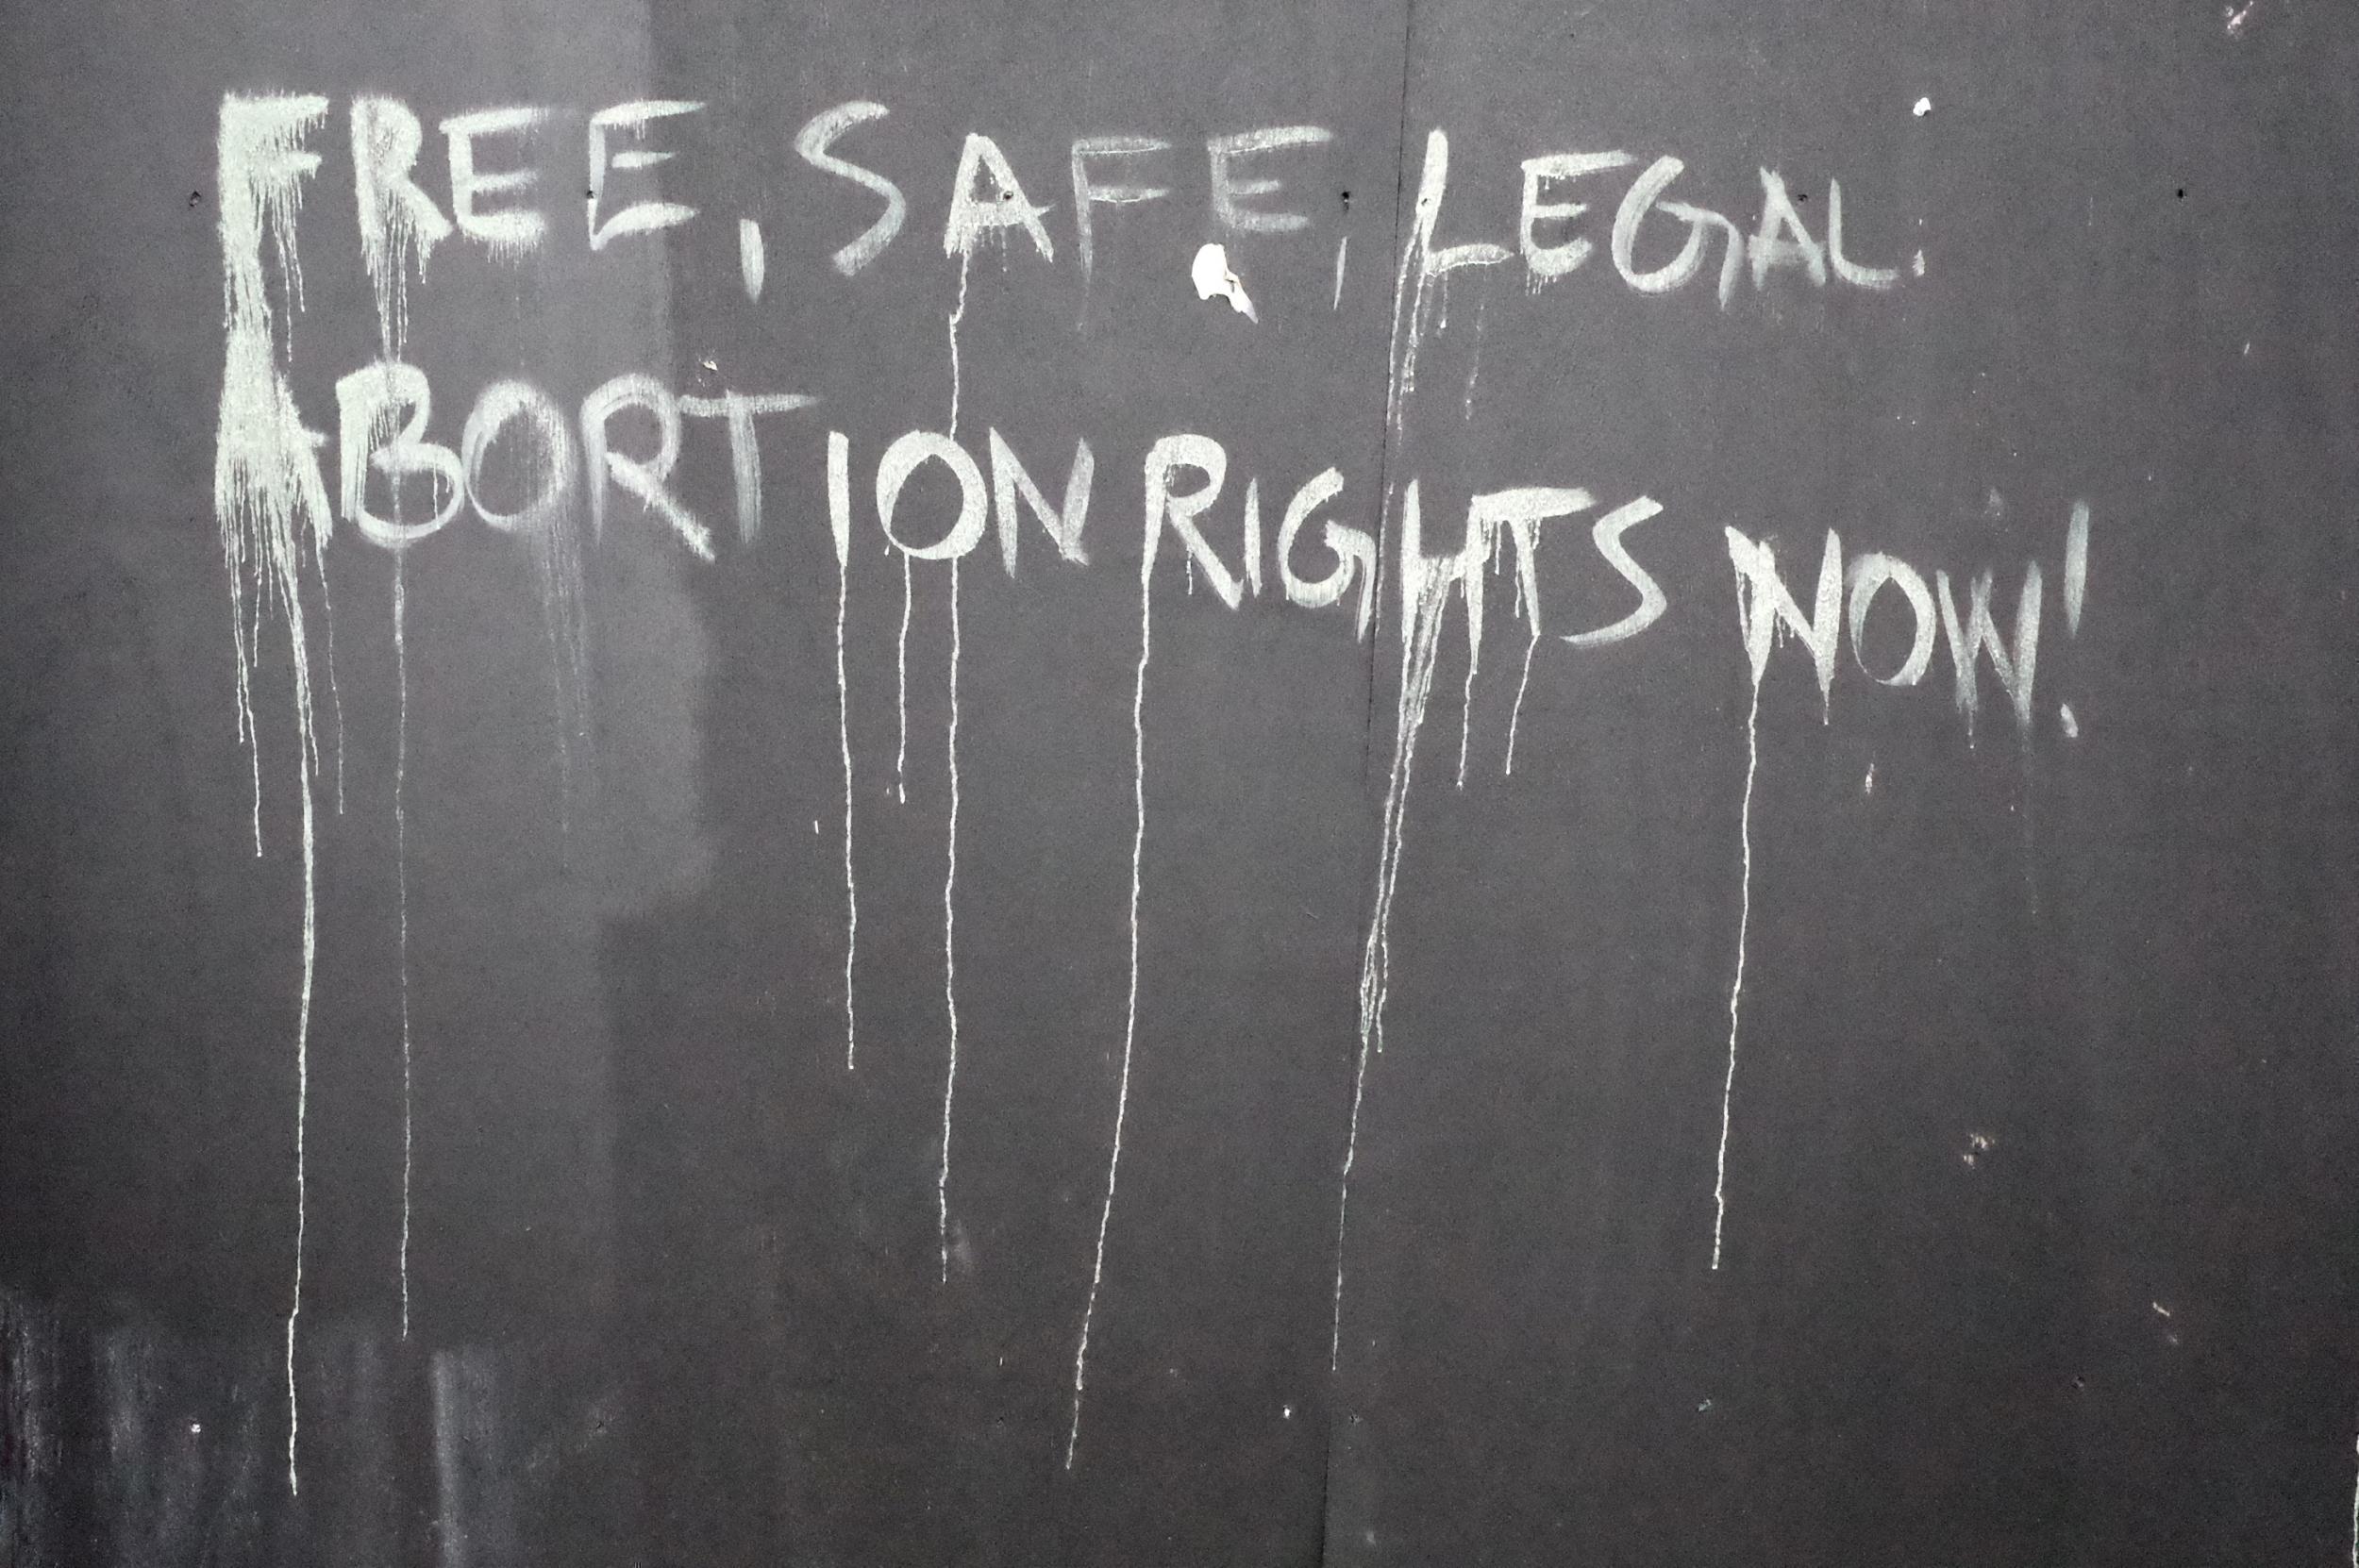 """Bangor: """"Szabad, biztonságos, legális abortuszjogokat most!"""" Egy politikai üzenet, ami még nem száradt meg, formálódik, alakul – vagy már régóta ott áll, és pusztul, olvad. (Richard Morgan / The Independent)"""